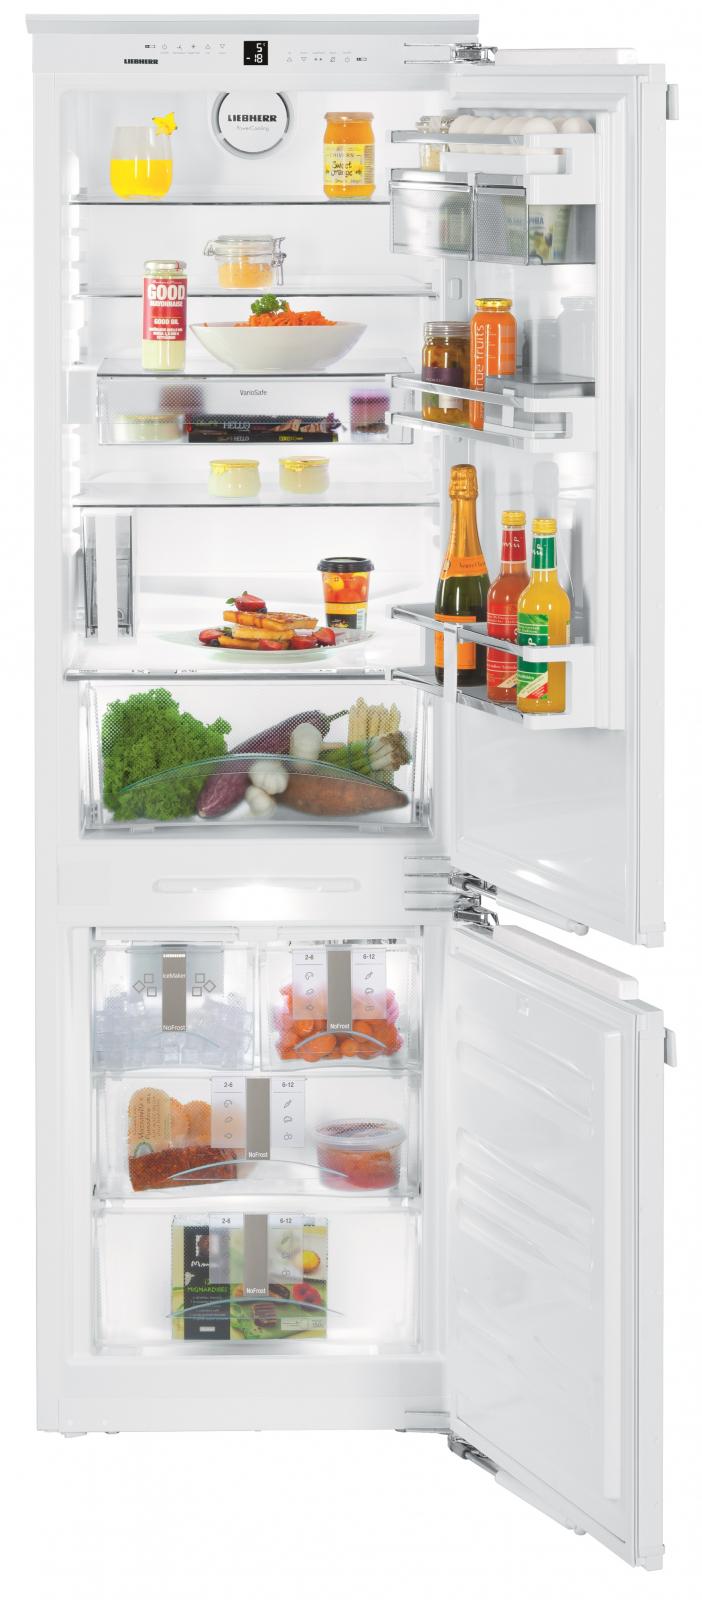 Встраиваемый двухкамерный холодильник Liebherr ICN 3386 купить украина